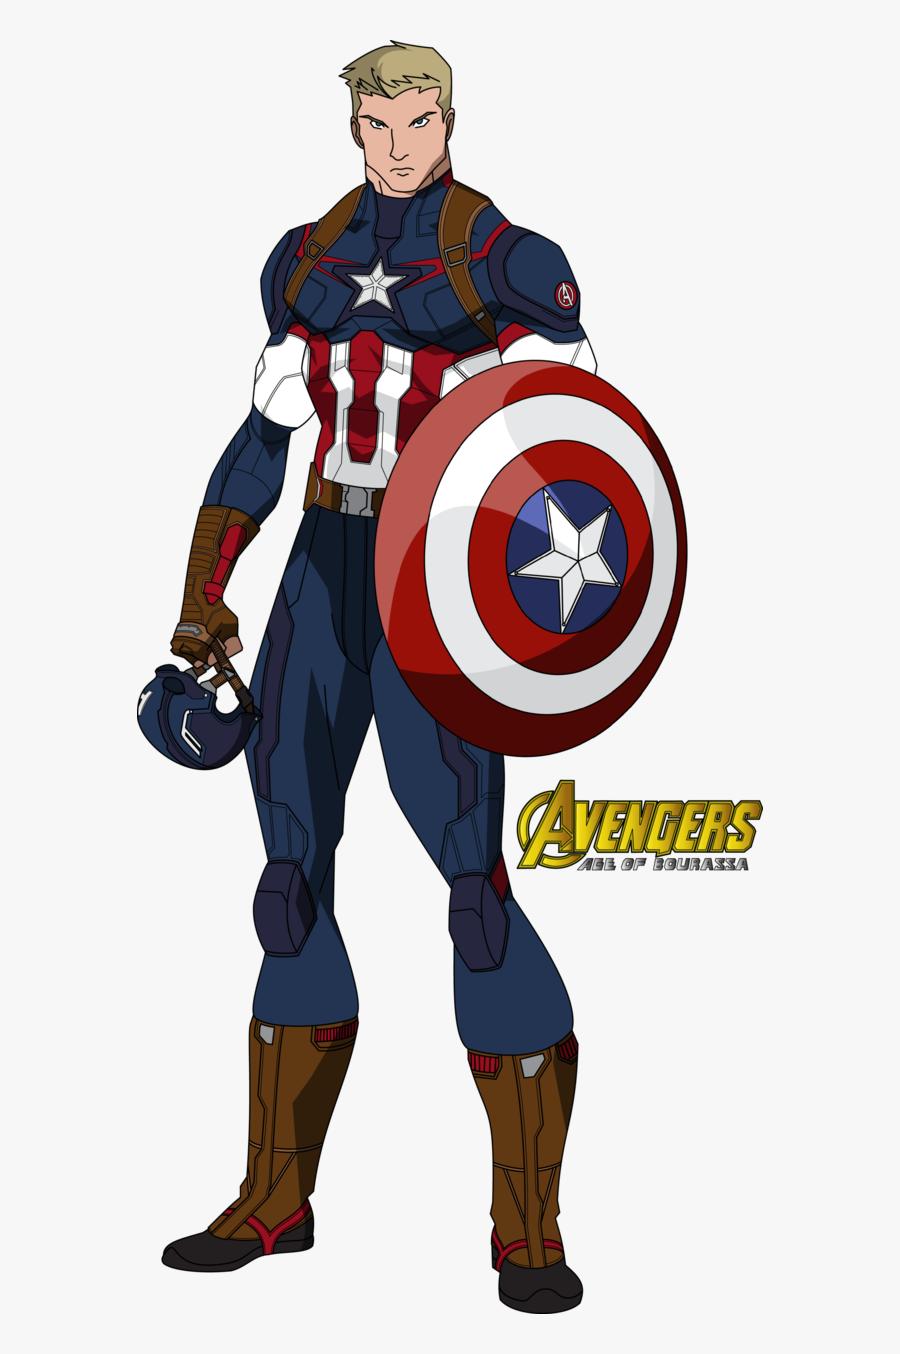 Avengers Clipart Captain America - Avengers Assemble Captain America New Suit, Transparent Clipart